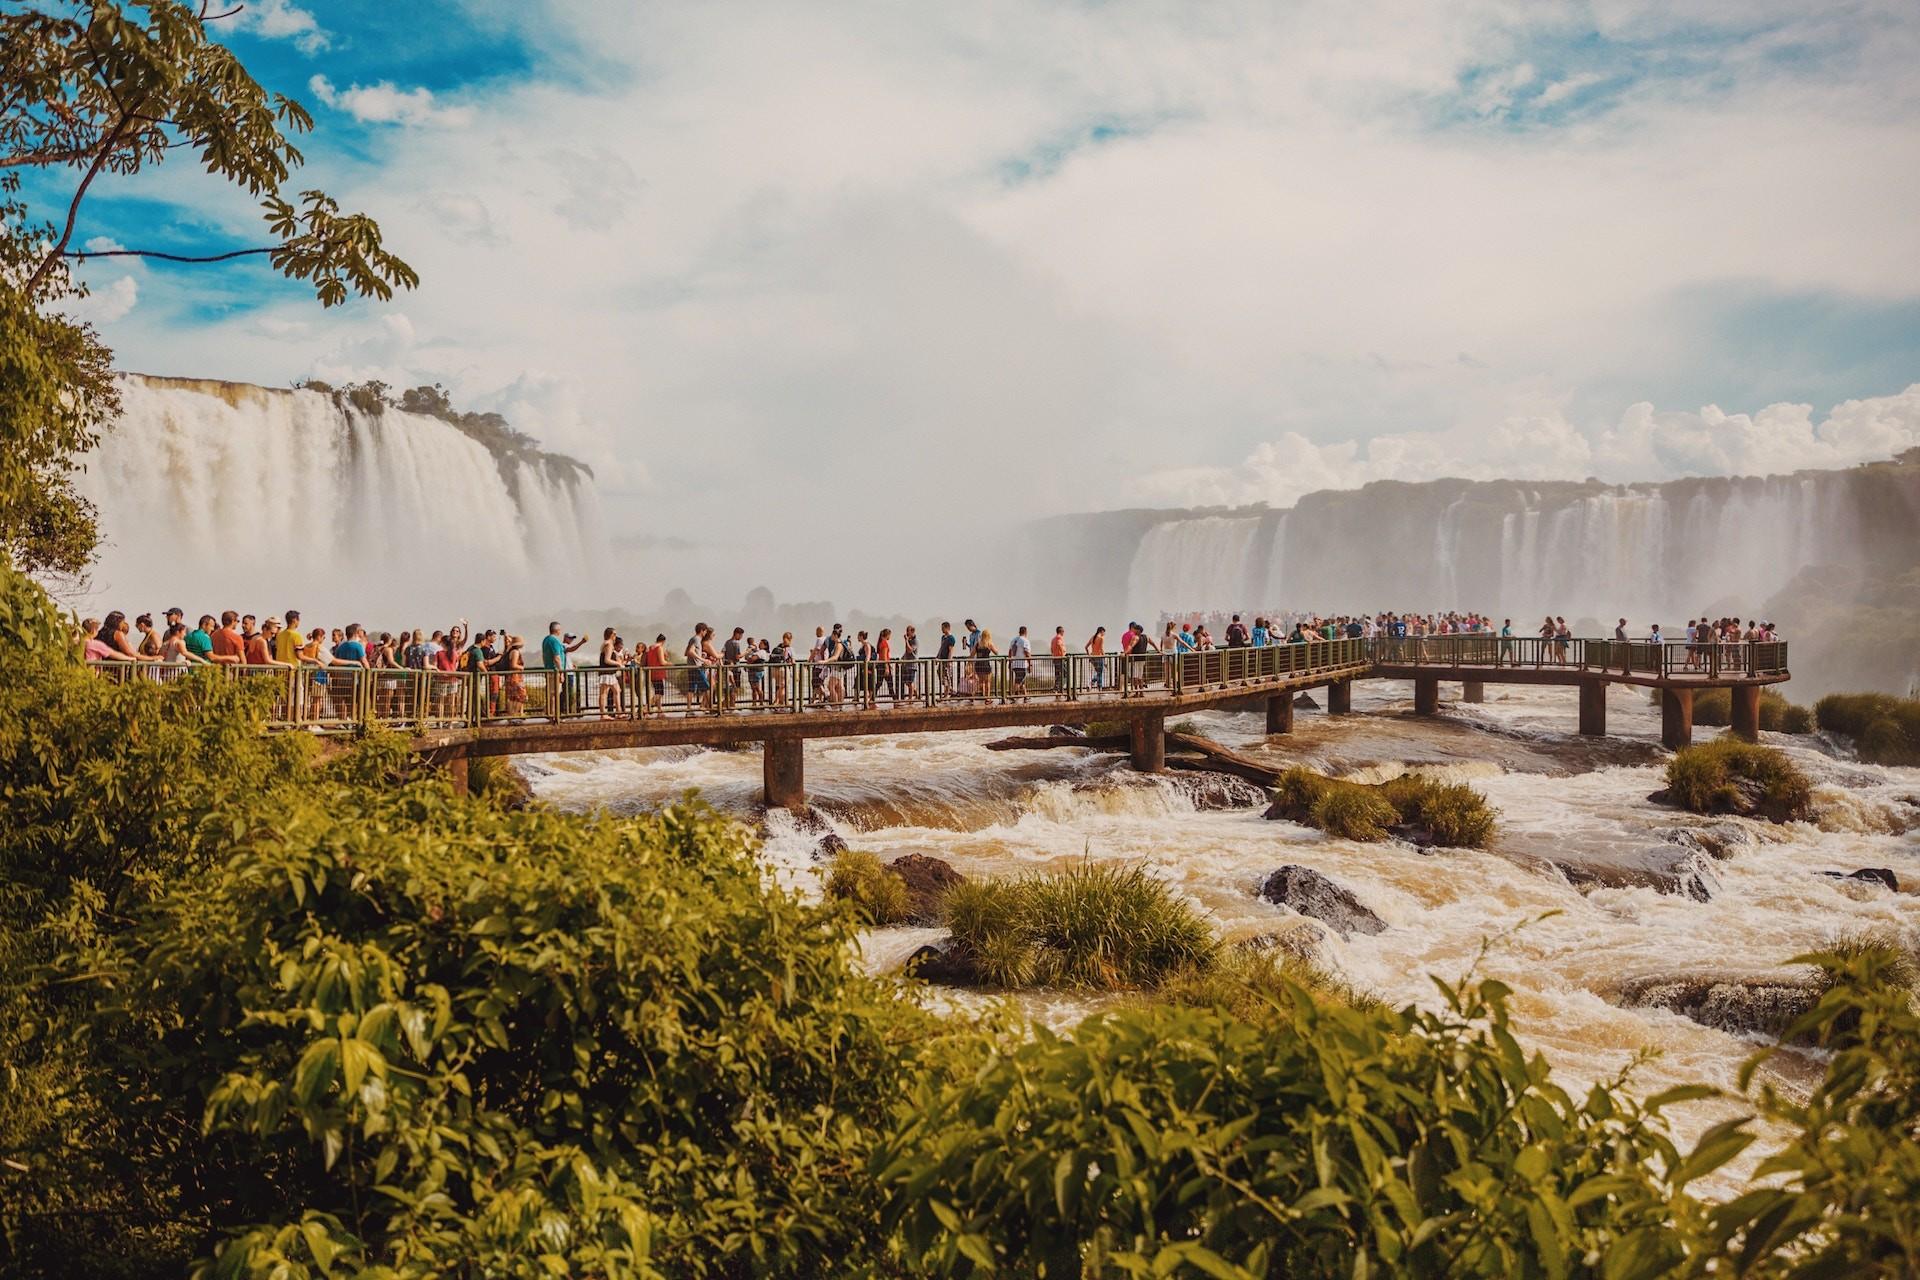 Les chutes d'Iguazu, au Brésil